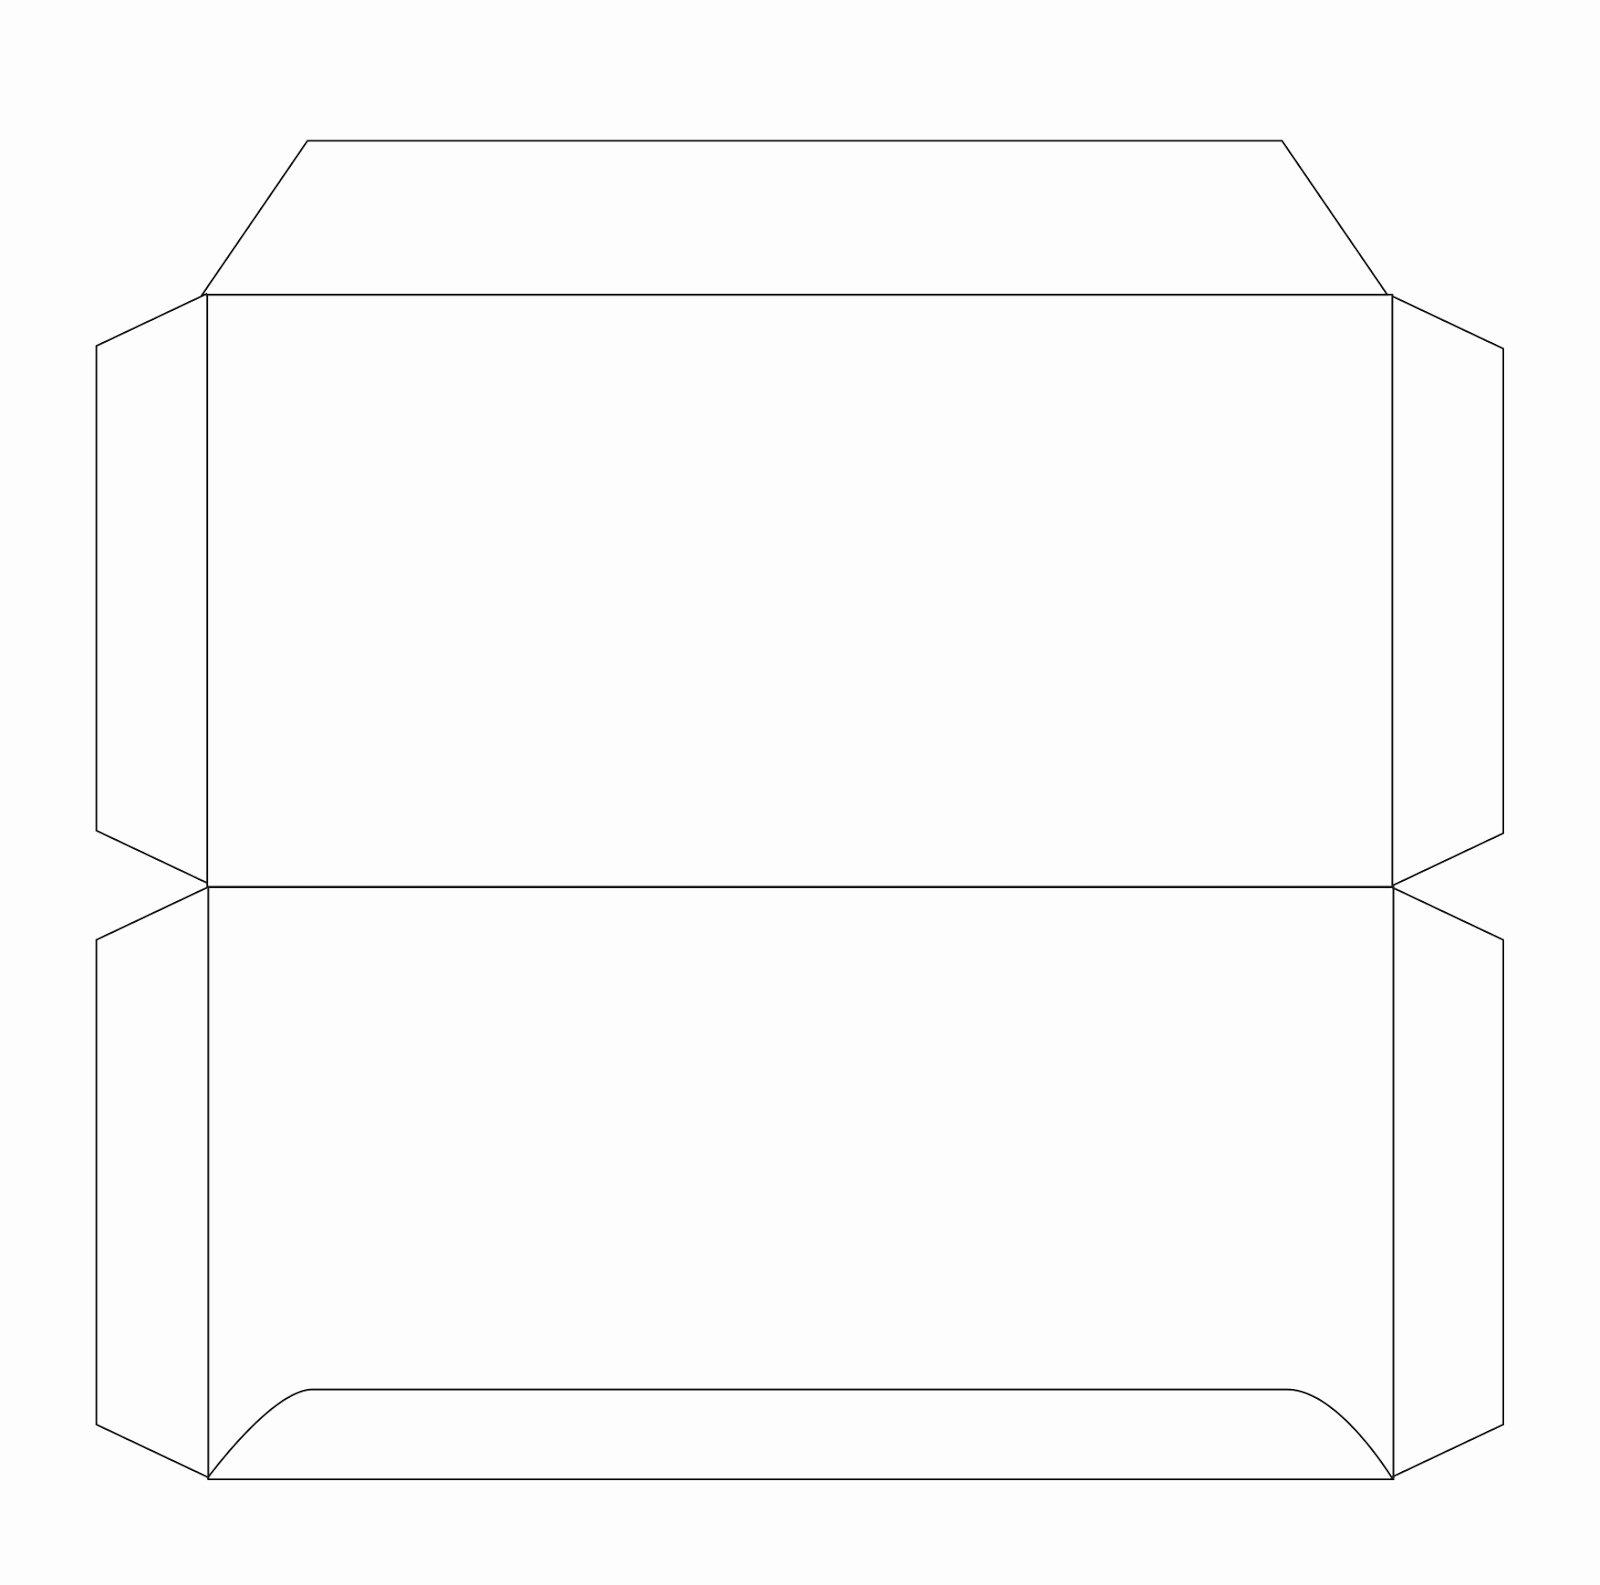 10 Envelope Template Illustrator Fresh 10 Envelope Template Illustrator Design Templates